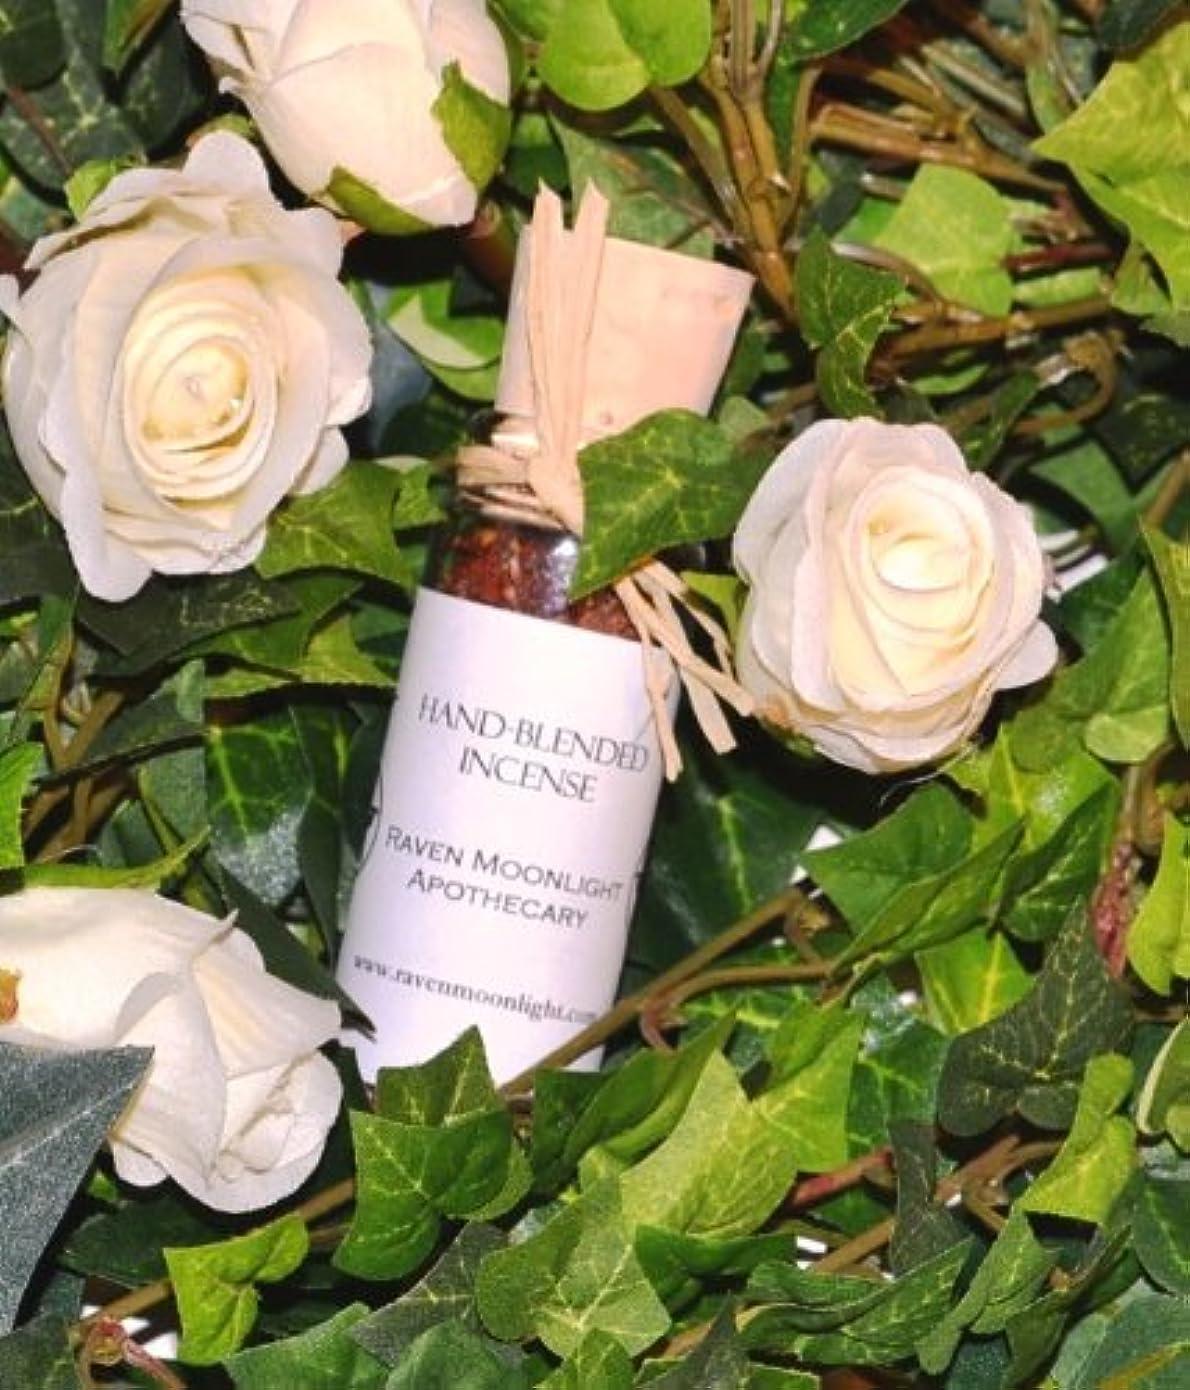 だます十分ではないうぬぼれhand-blended Herbal Incense : Saraswati Goddessブレンド